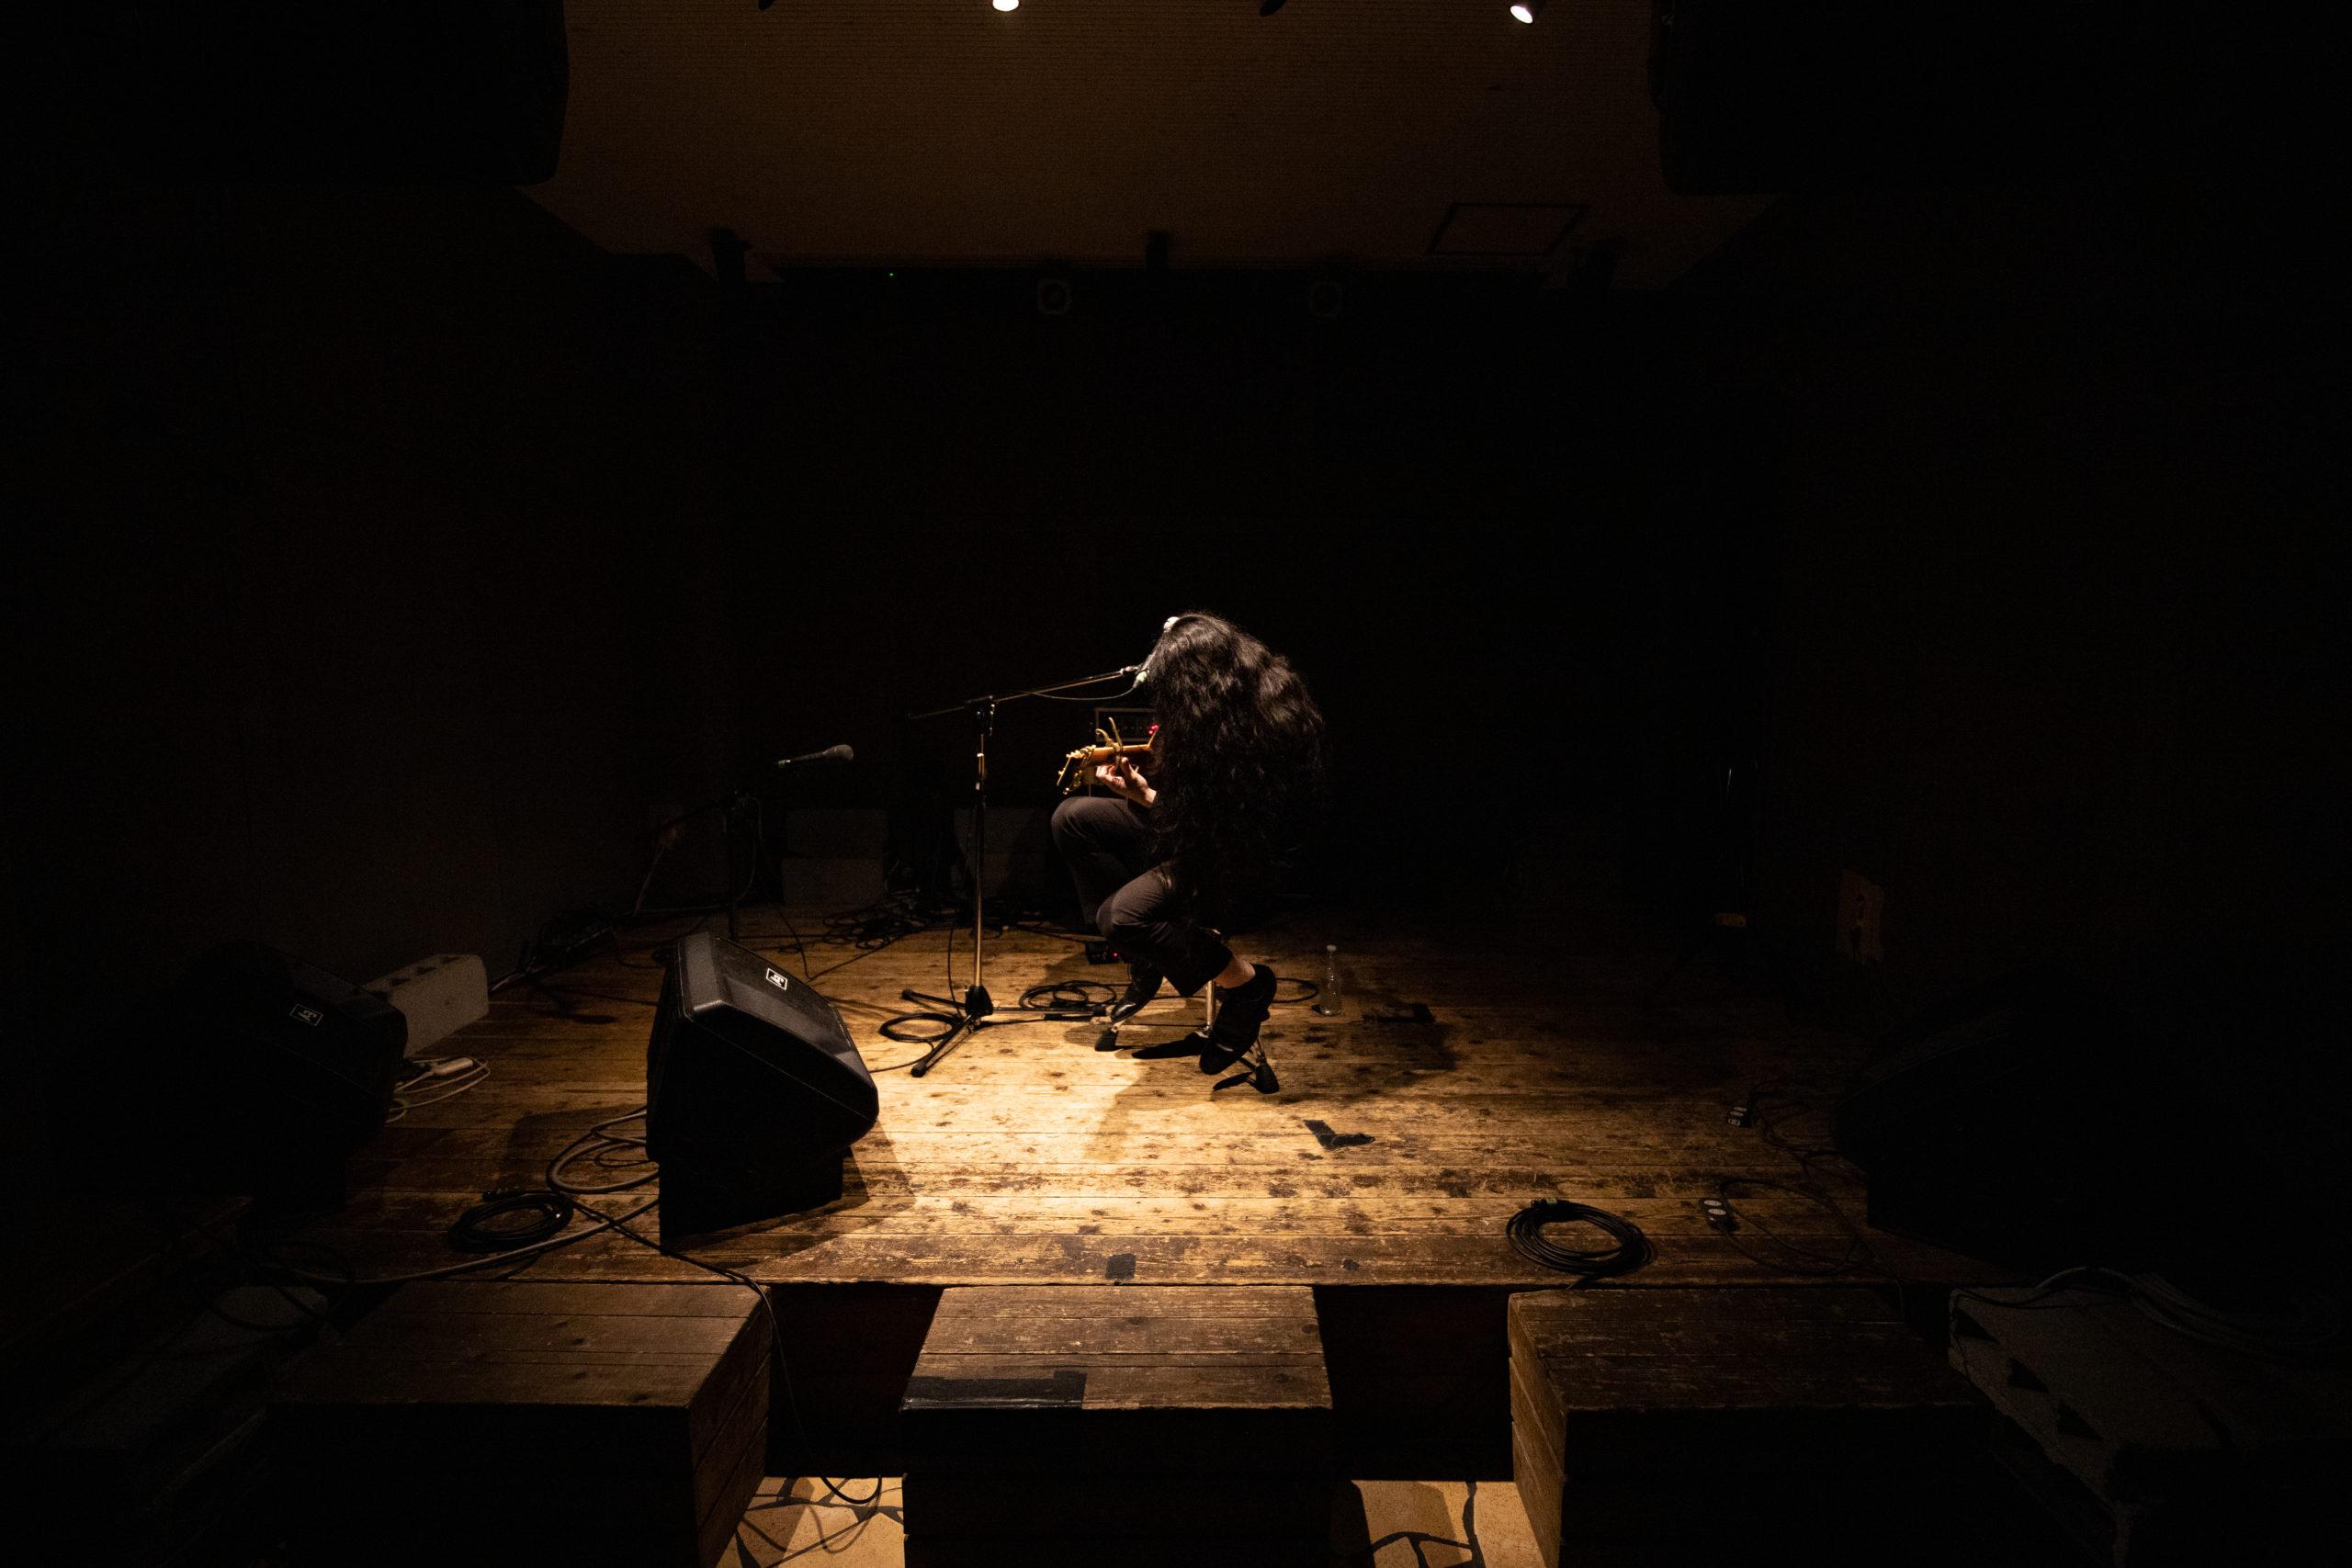 村島洋一『鐘を鳴らせ』ライブ写真